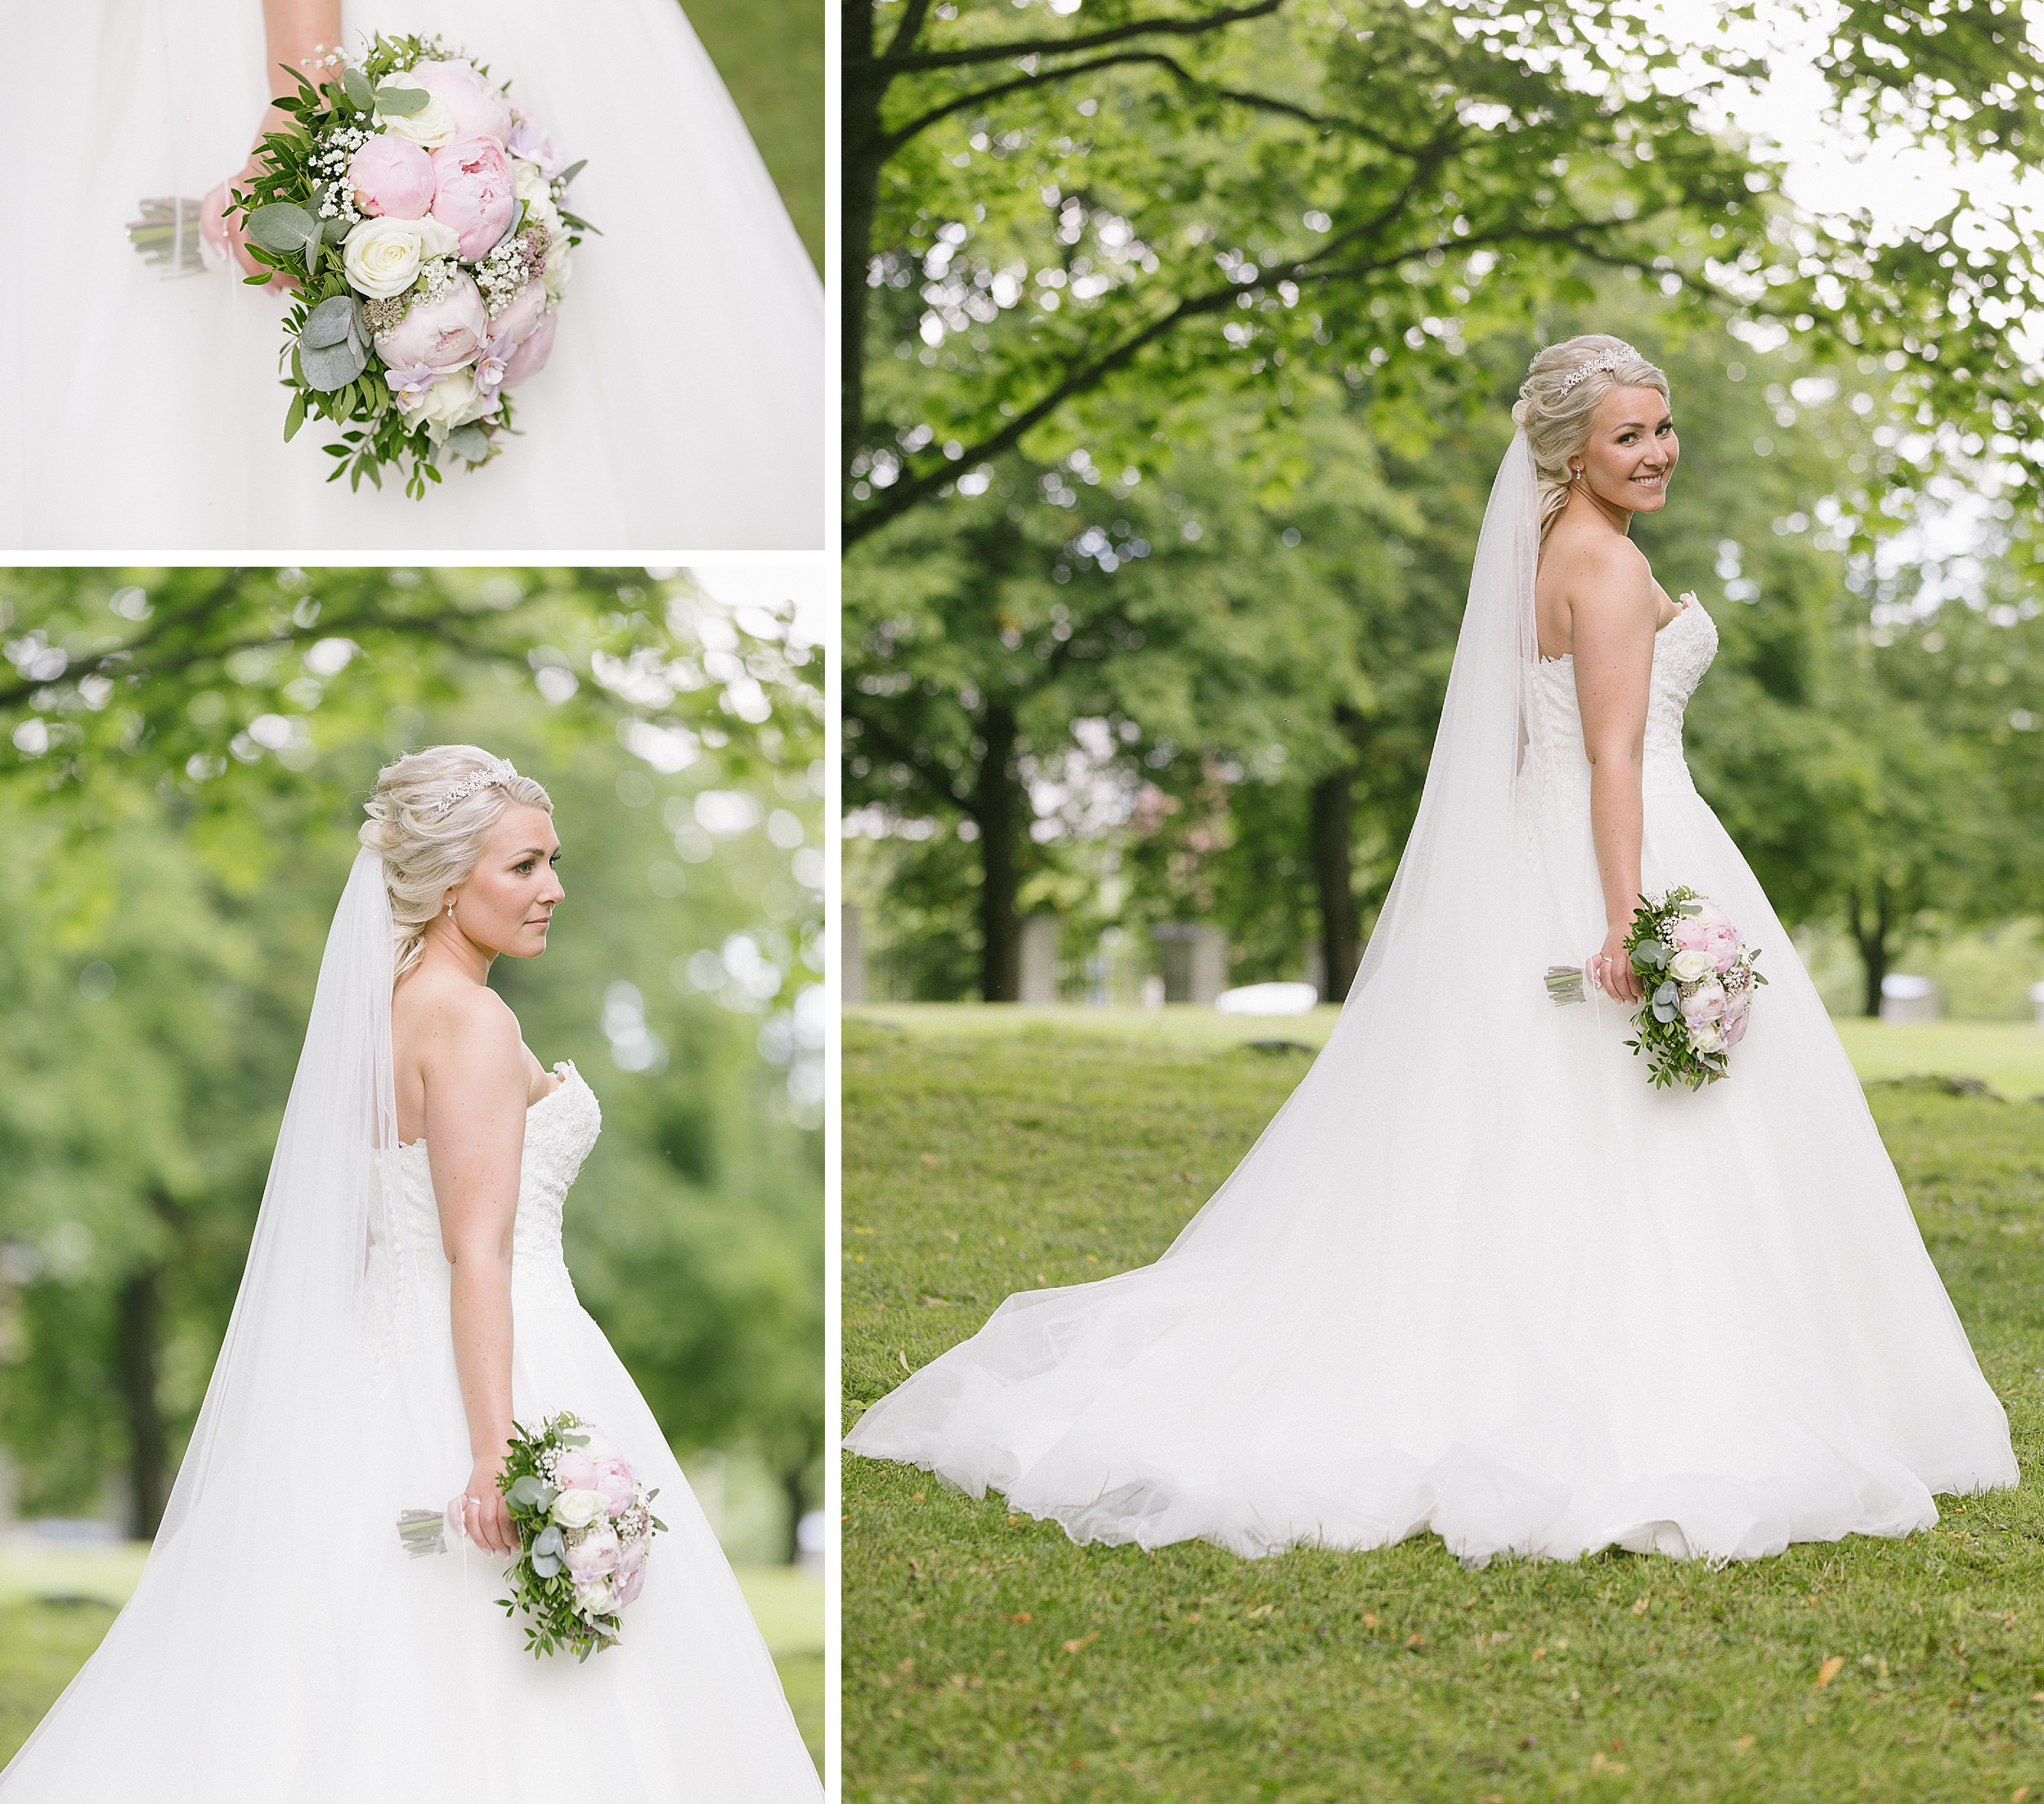 Heldags-bryllupsfoto-june-thomas_0044.jpg